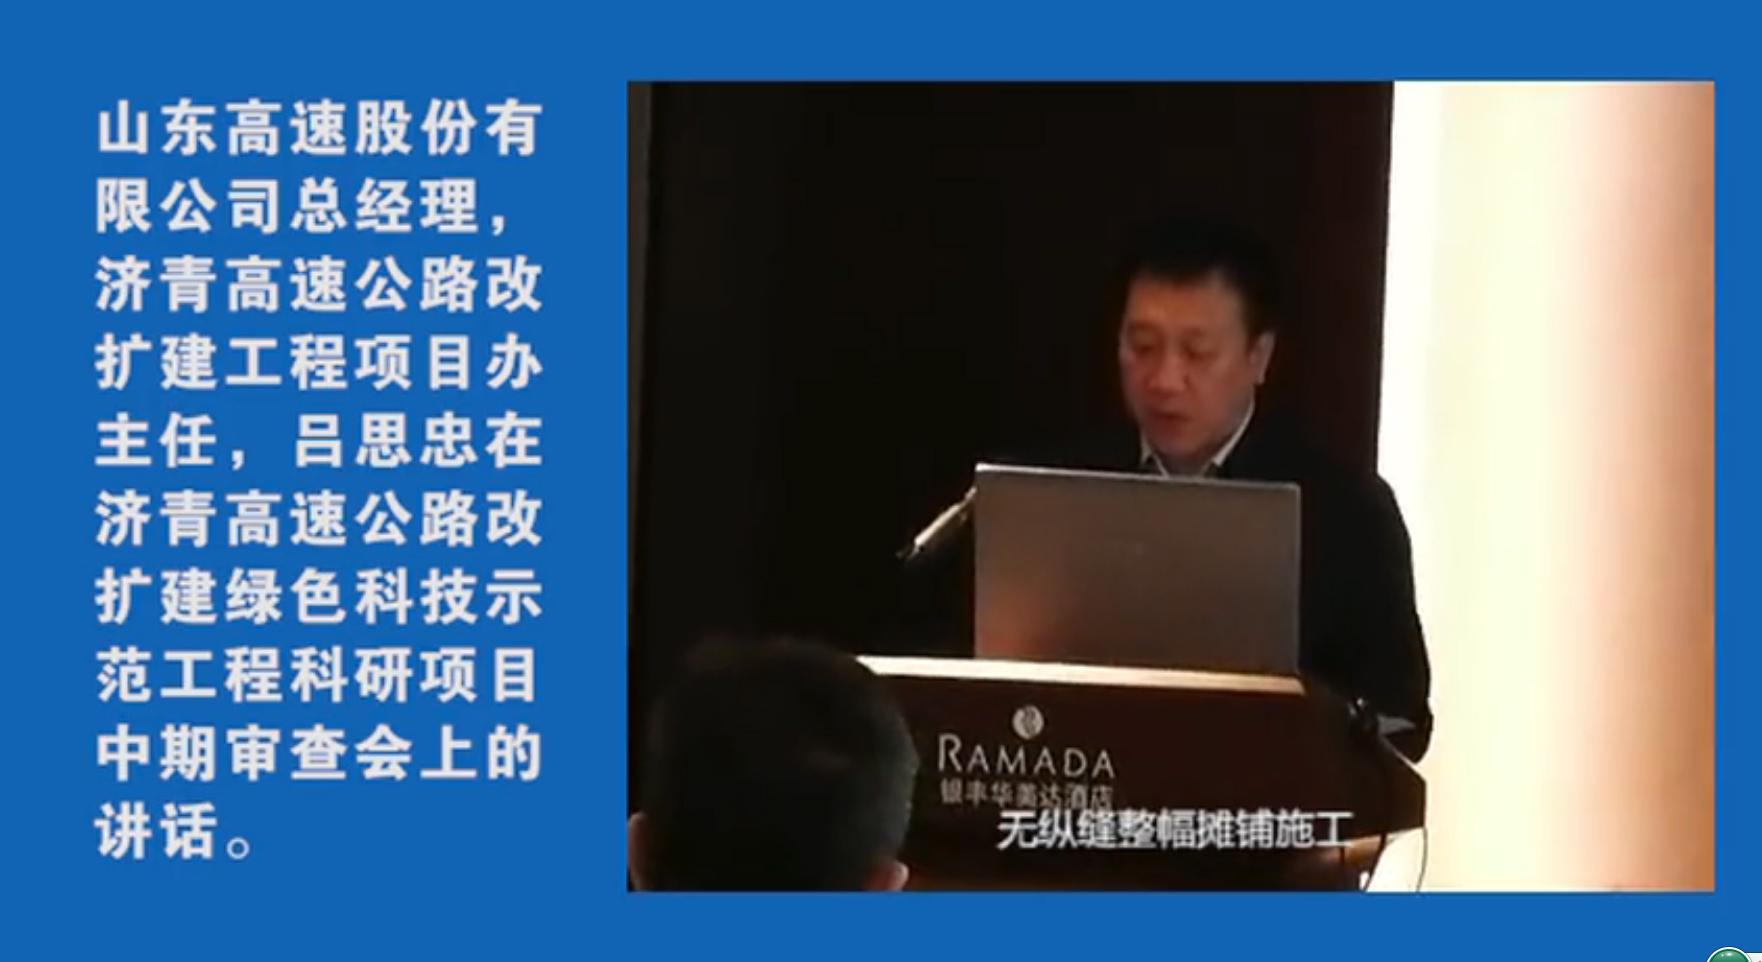 山东高速股份有限公司总经理吕思忠讲话